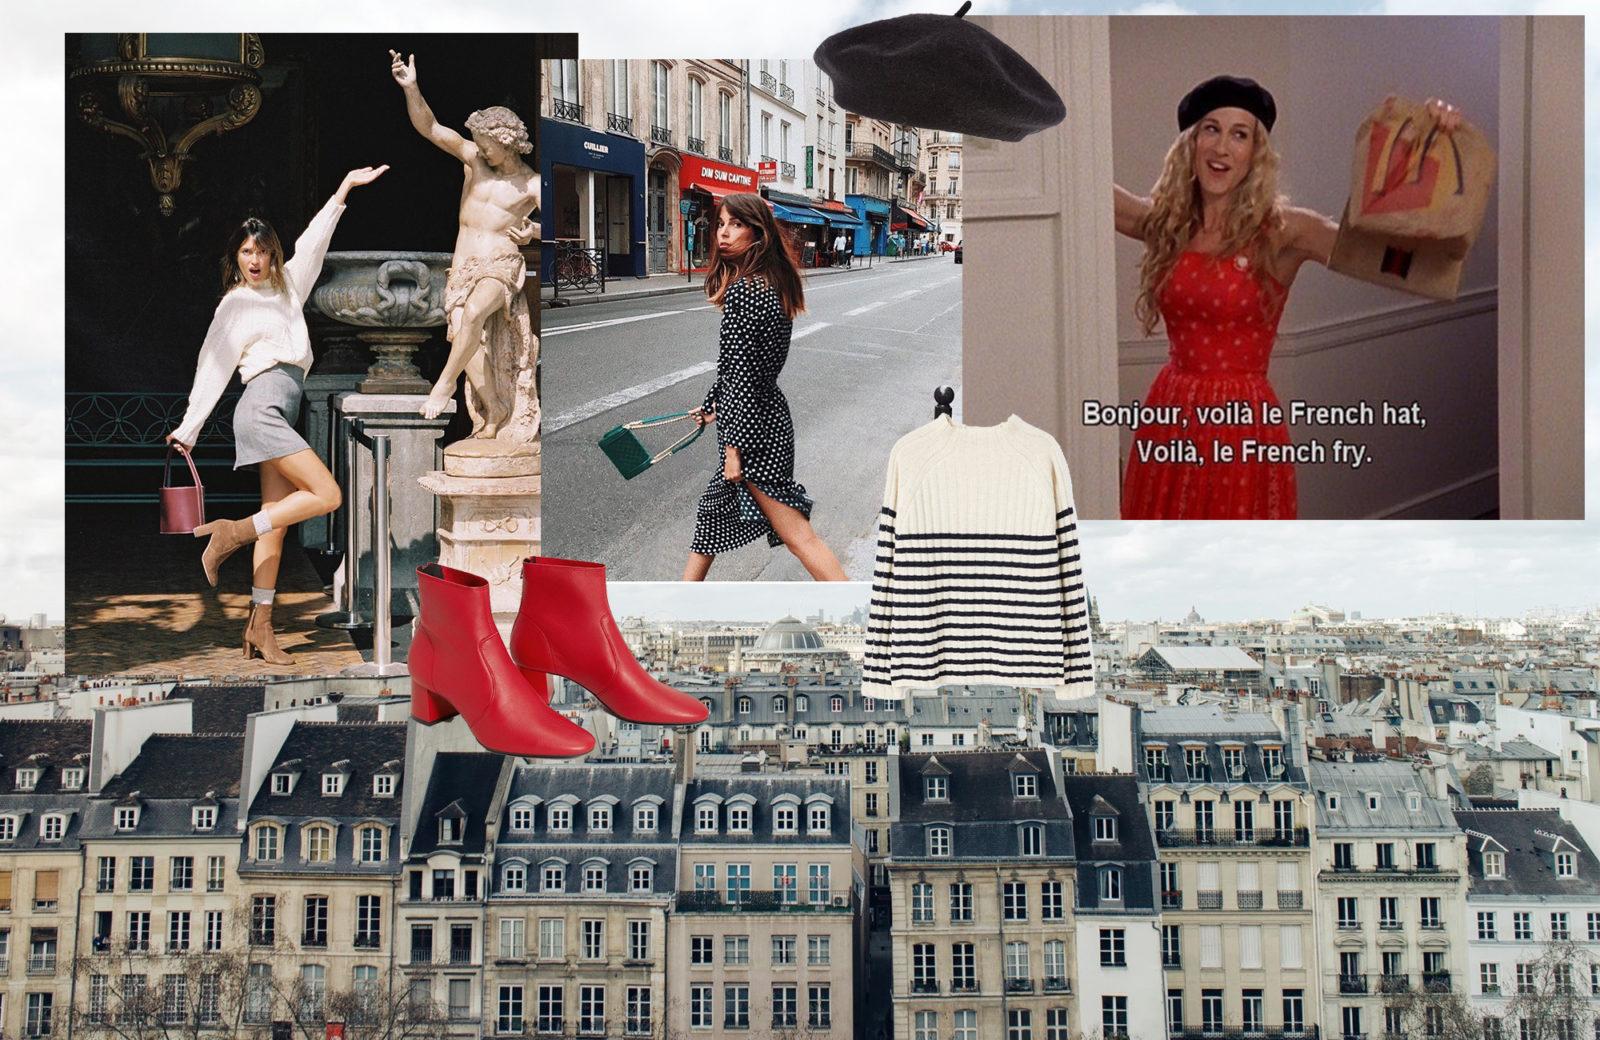 French Essentials - So trägt man den französischen Stil auch